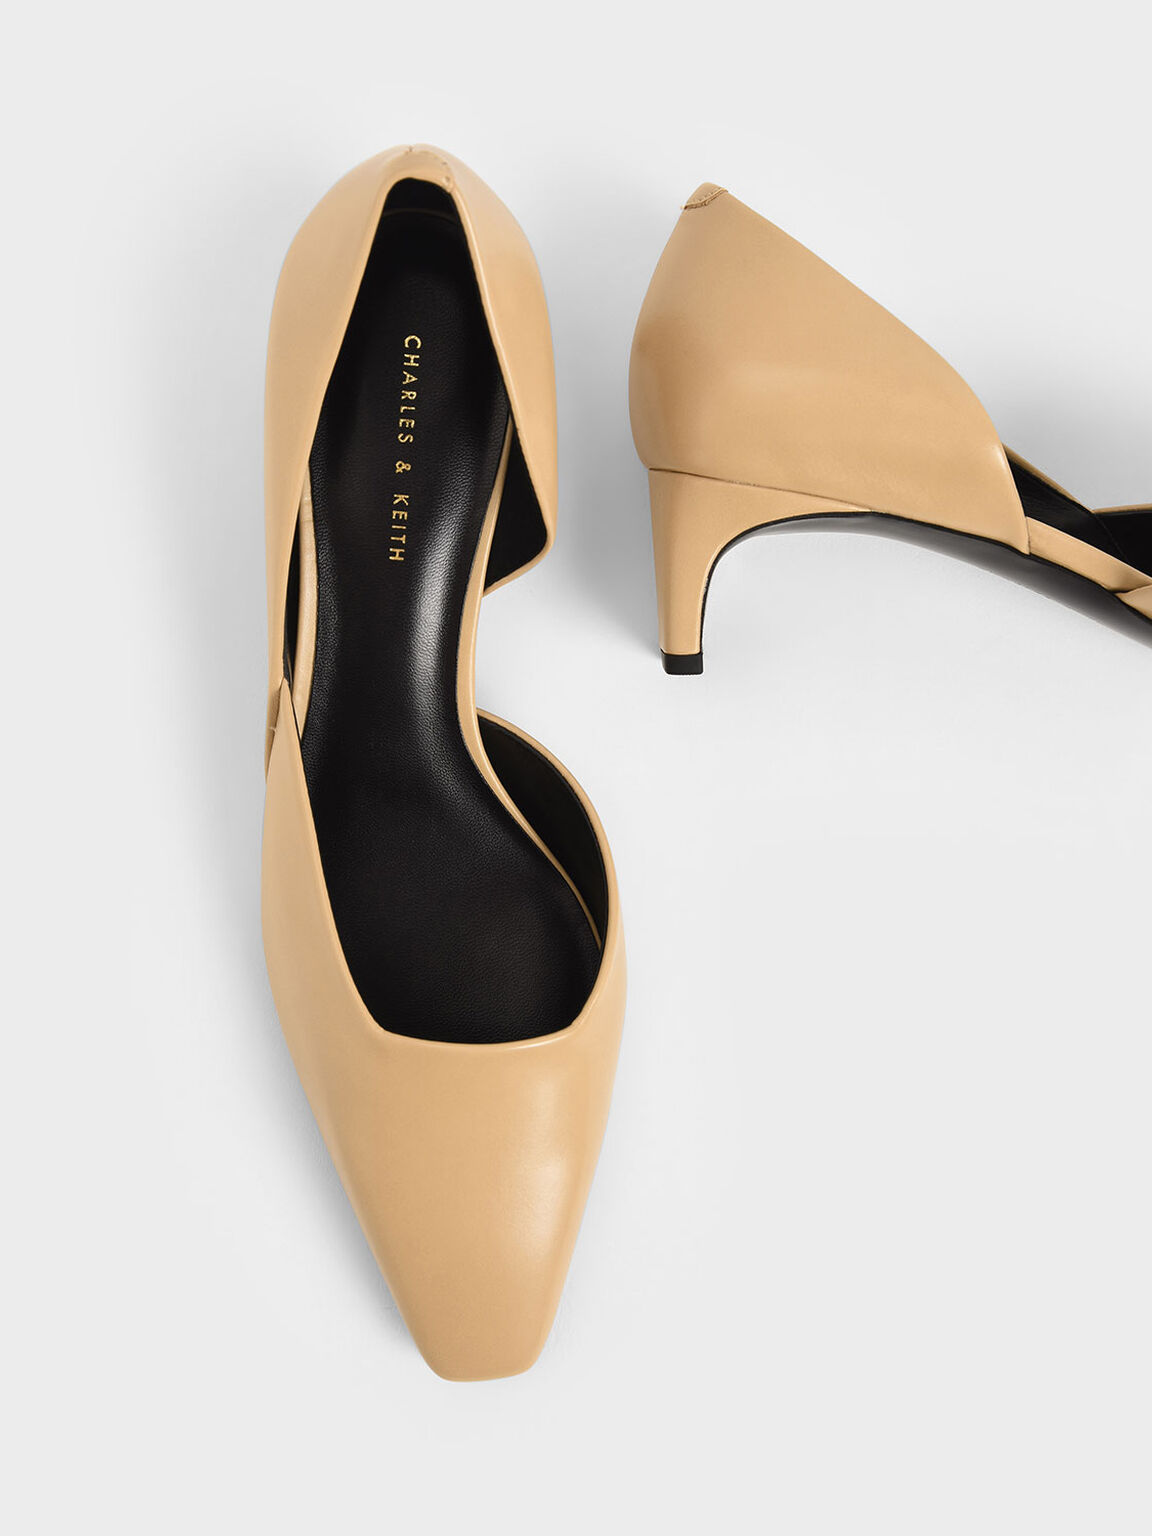 Square Toe D'Orsay Court Shoes, Beige, hi-res